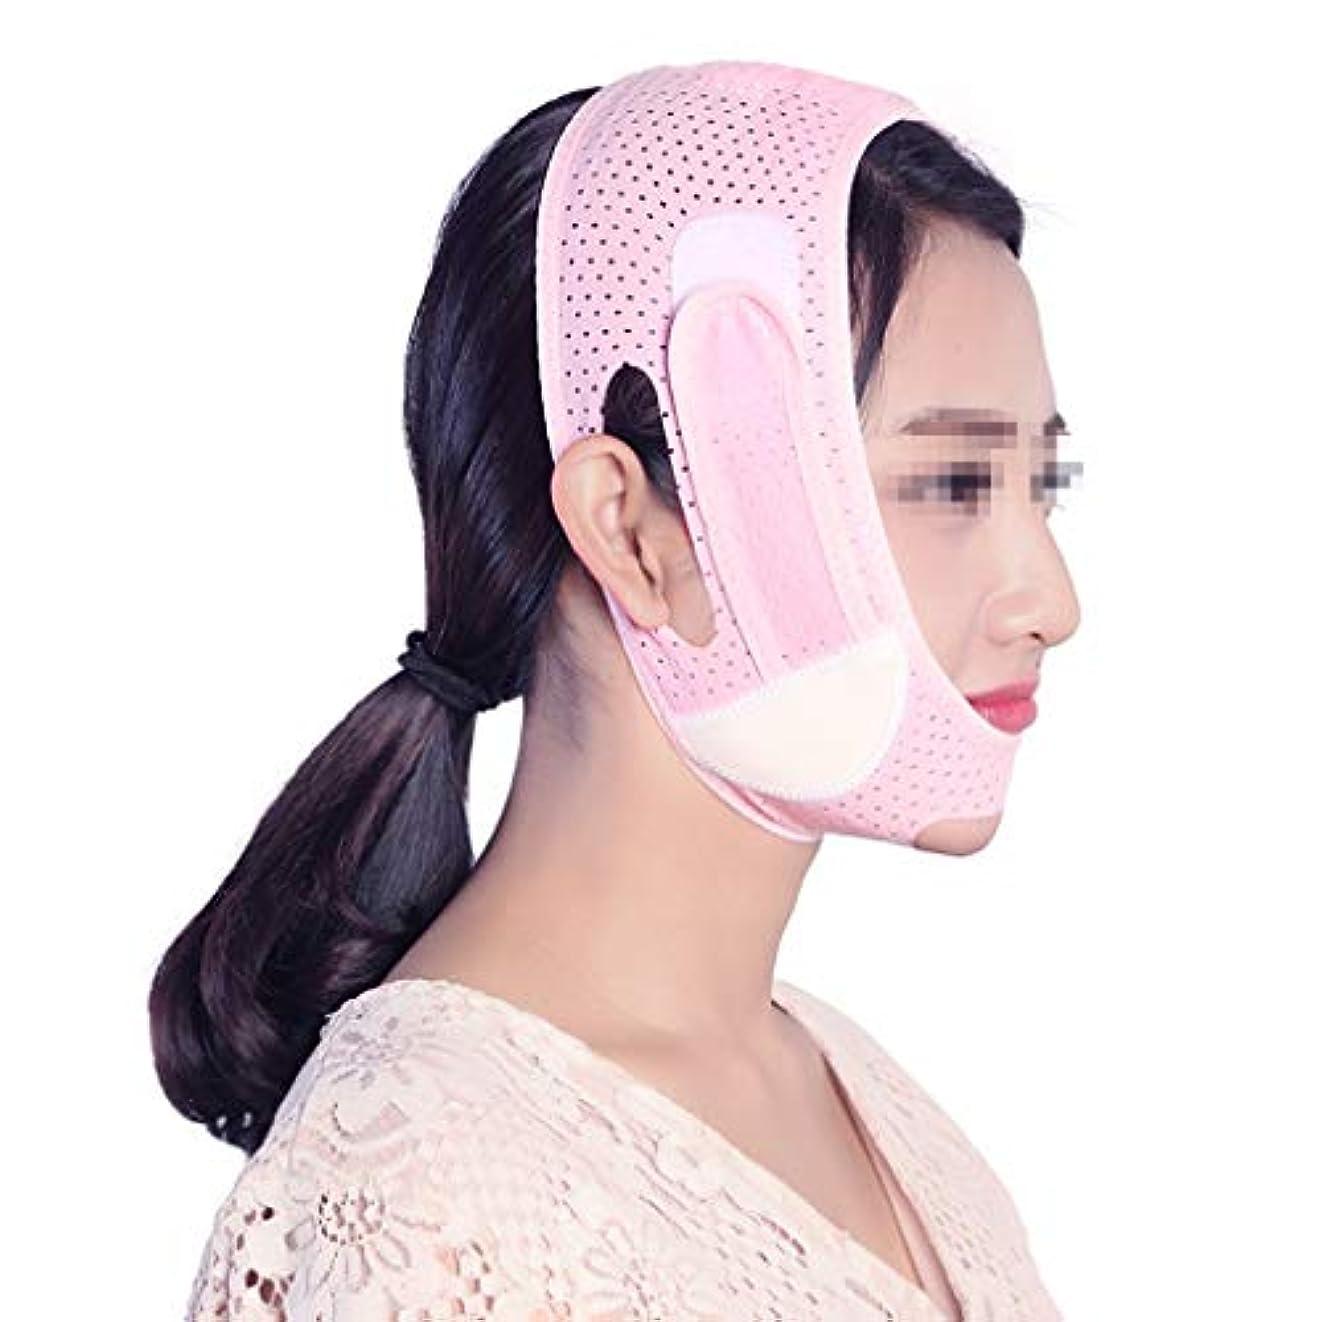 観客動作ケイ素XHLMRMJ 睡眠薄い顔包帯、持ち上がる引きV顔引き締め防止二重あご薄い咬筋マスクピンク